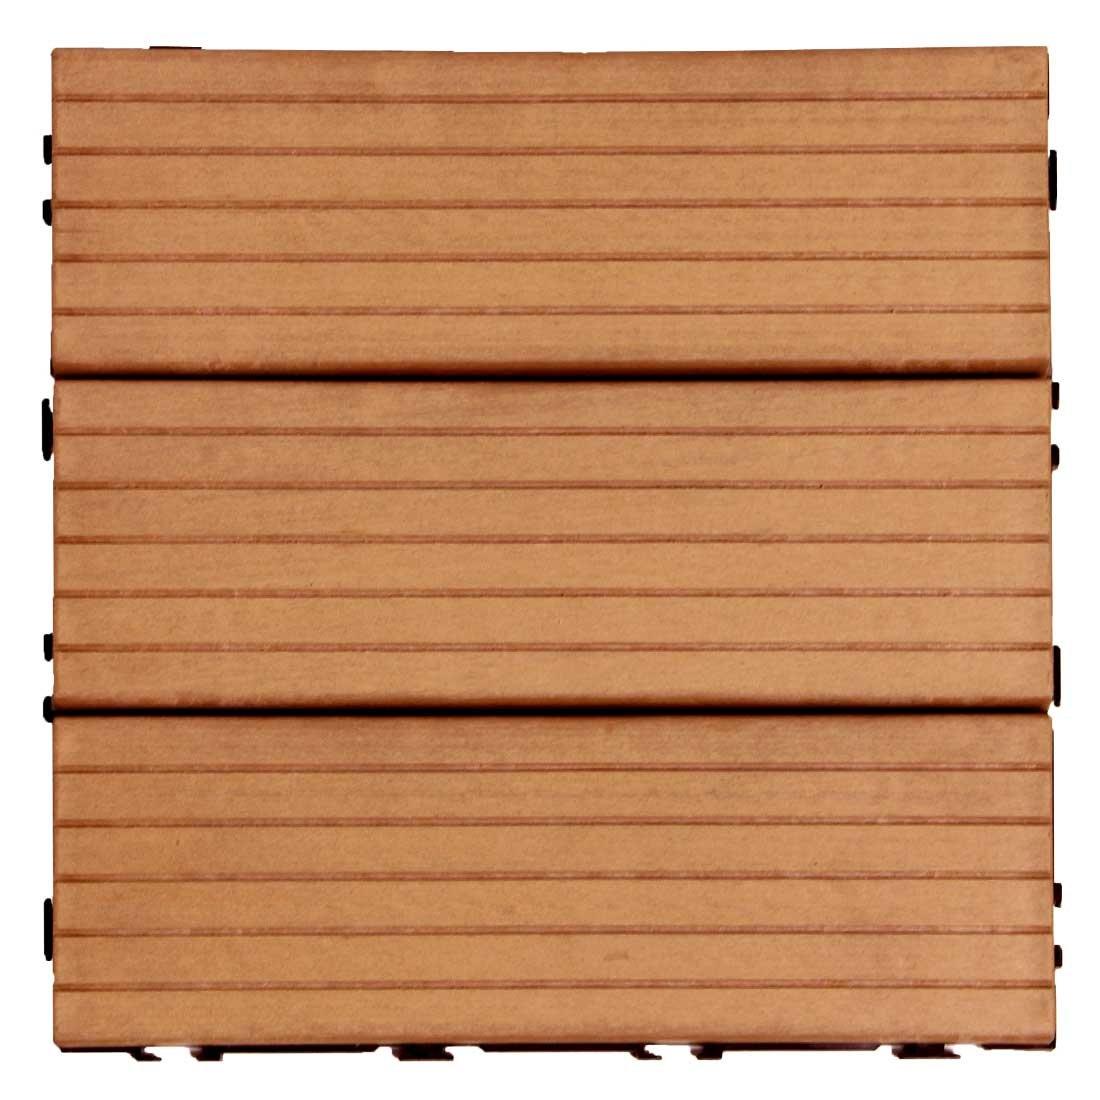 タンスのゲン ウッドパネル 樹脂 27枚セット 2.4平米用 ジョイント式 30×30cm 正方形 Bタイプ:レッドブラウン AM000086 10 B072XBKRQY 29500 27枚セット|レッドブラウン(Bタイプ) レッドブラウン(Bタイプ) 27枚セット